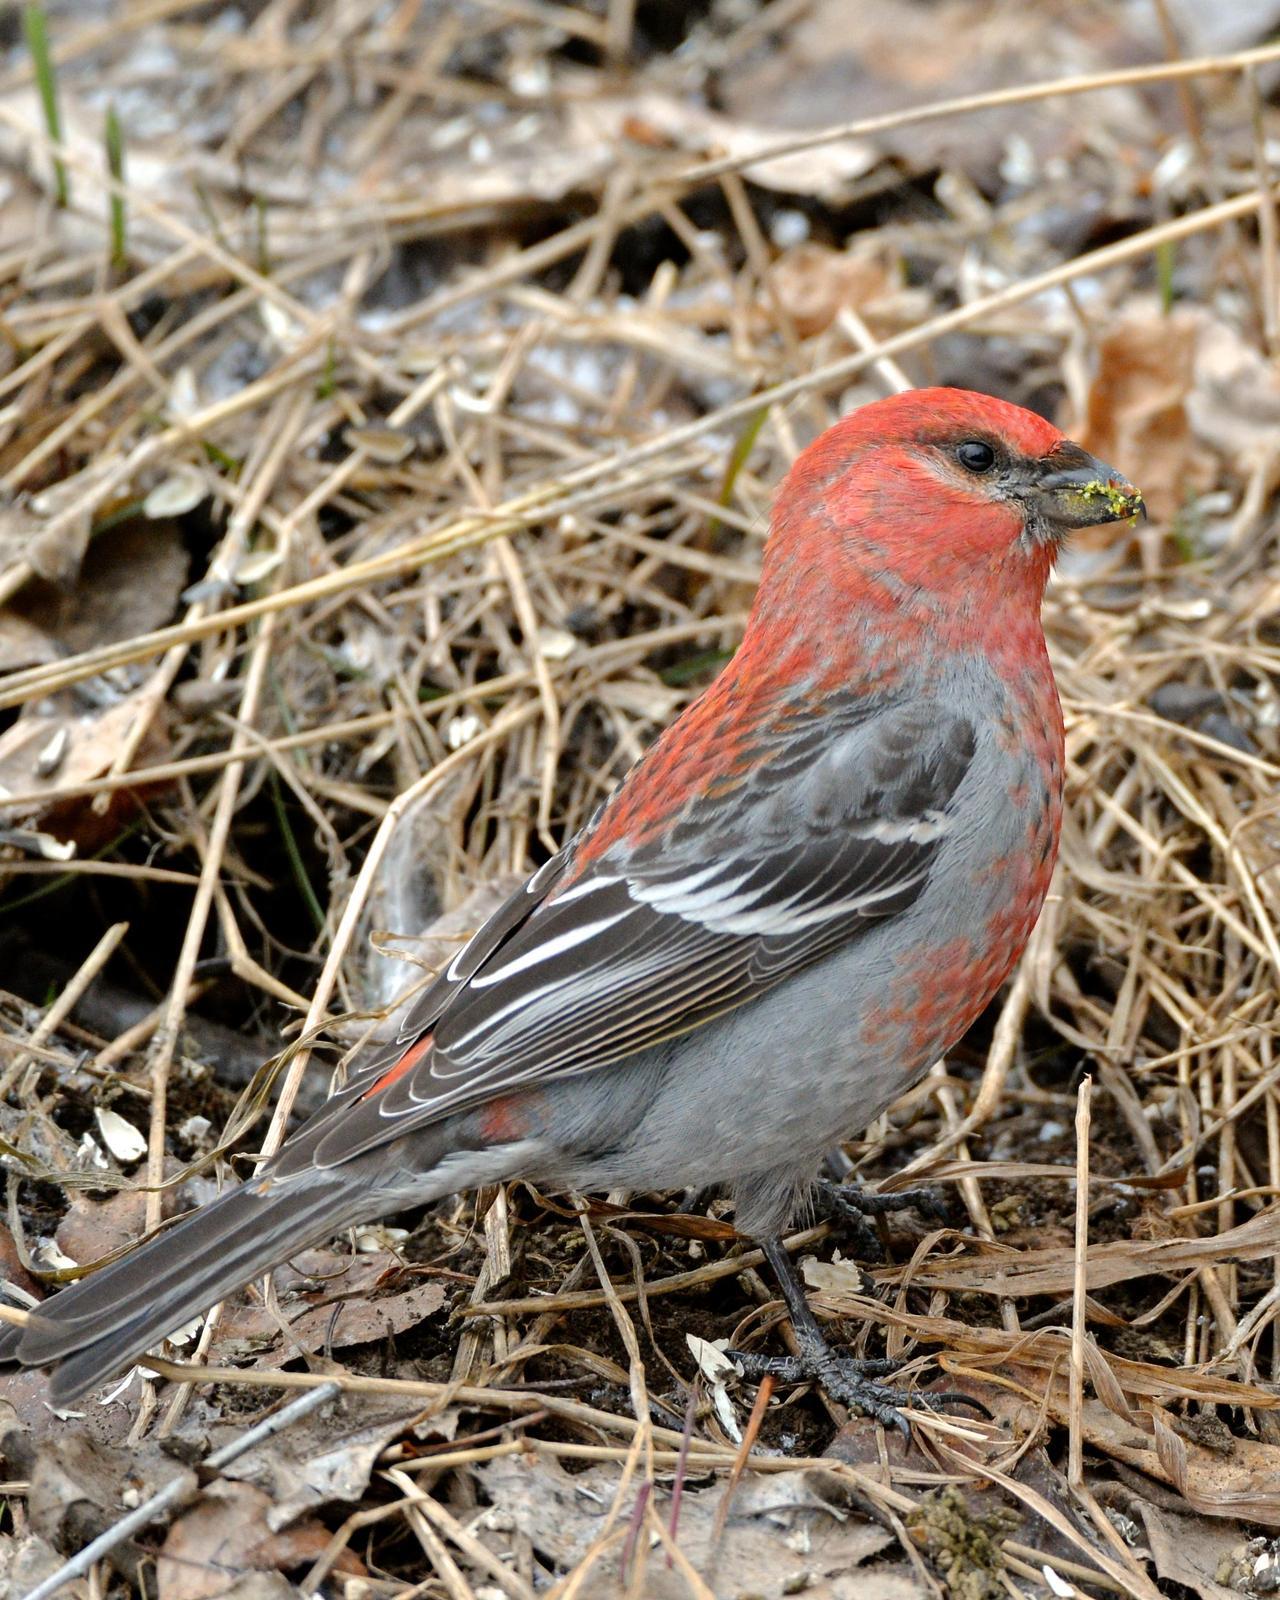 Pine Grosbeak Photo by Gerald Friesen